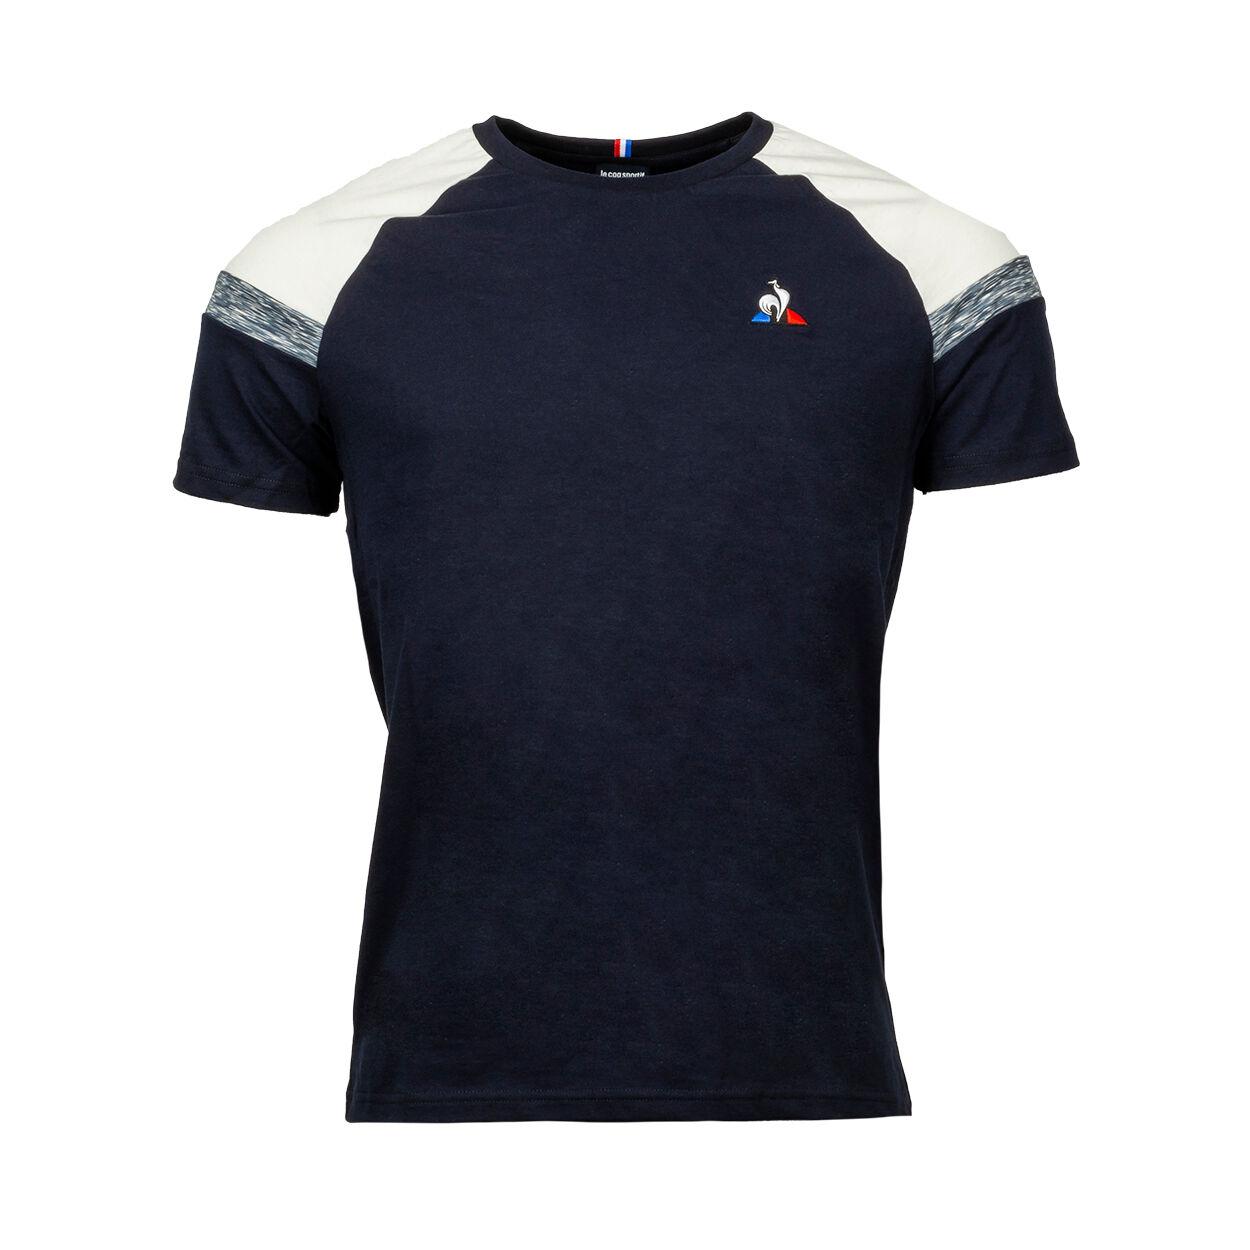 Le Coq Sportif Tee-shirt col rond Le Coq Sportif en coton bleu marine à liserés blancs et gris - BLEU MARINE - XS